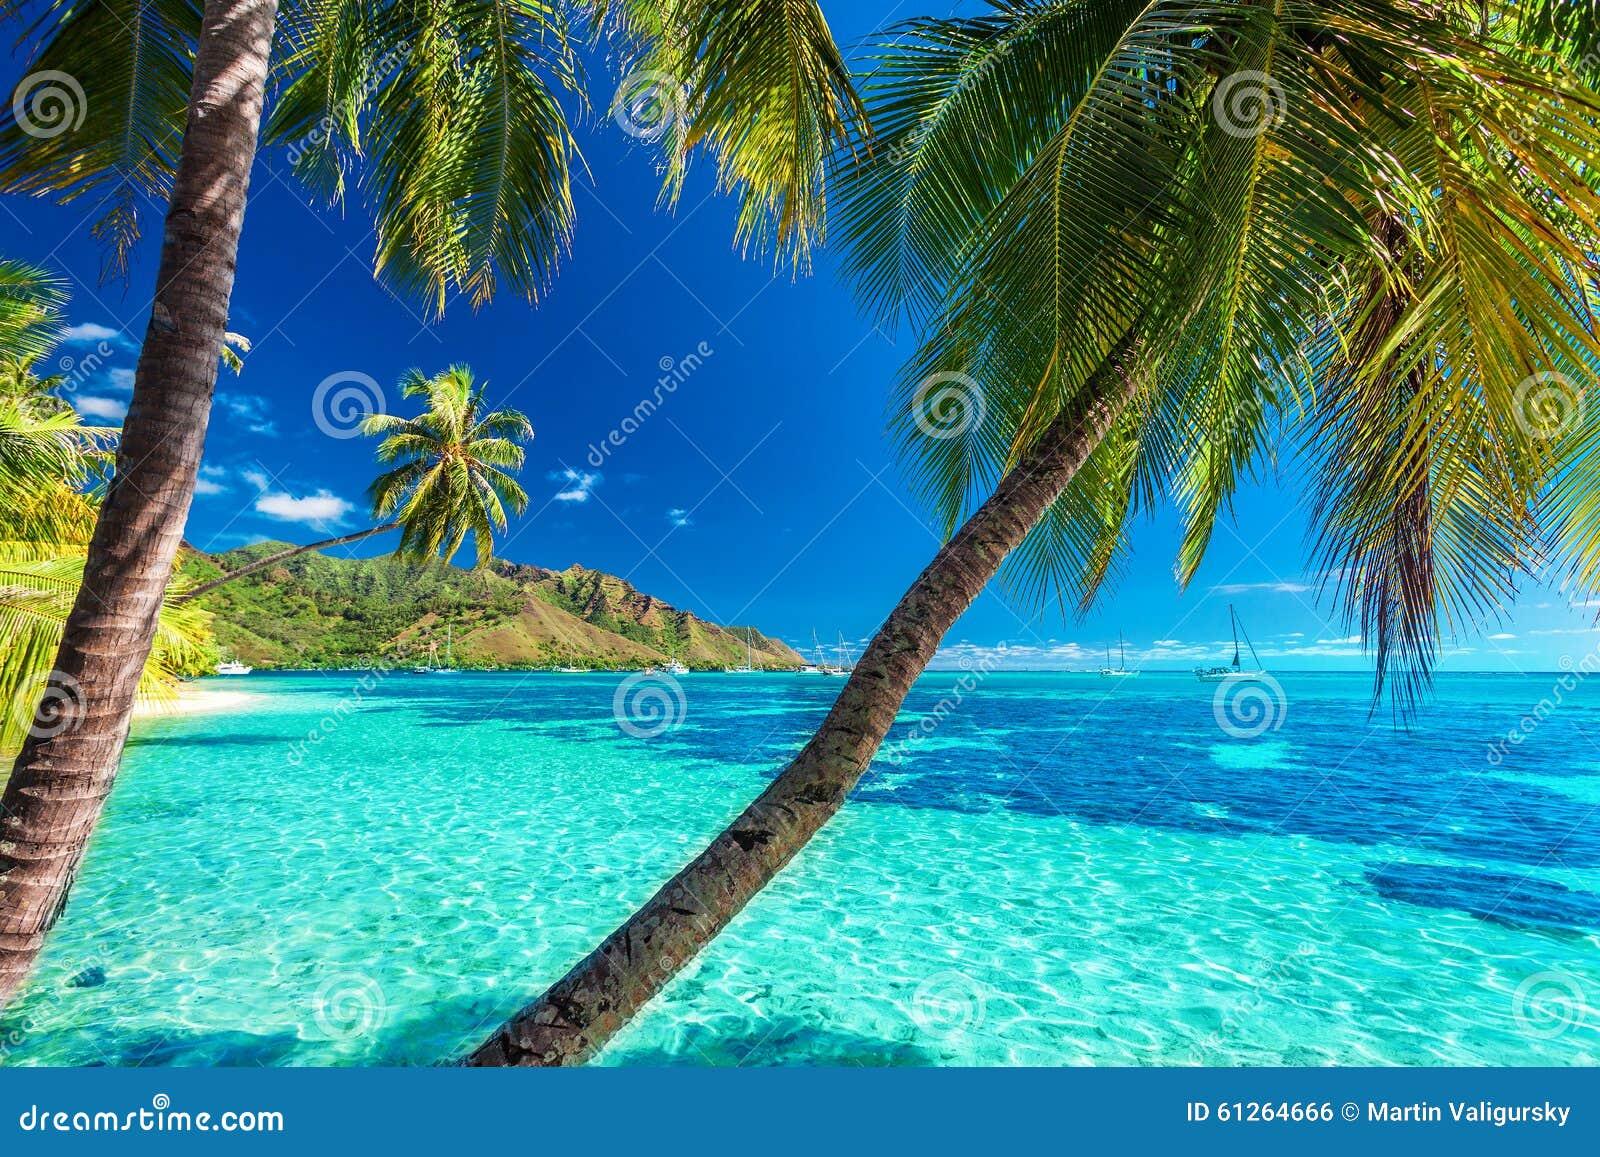 Palmiers sur une plage tropicale avec une mer bleue sur for Chambre 13 tahiti plage